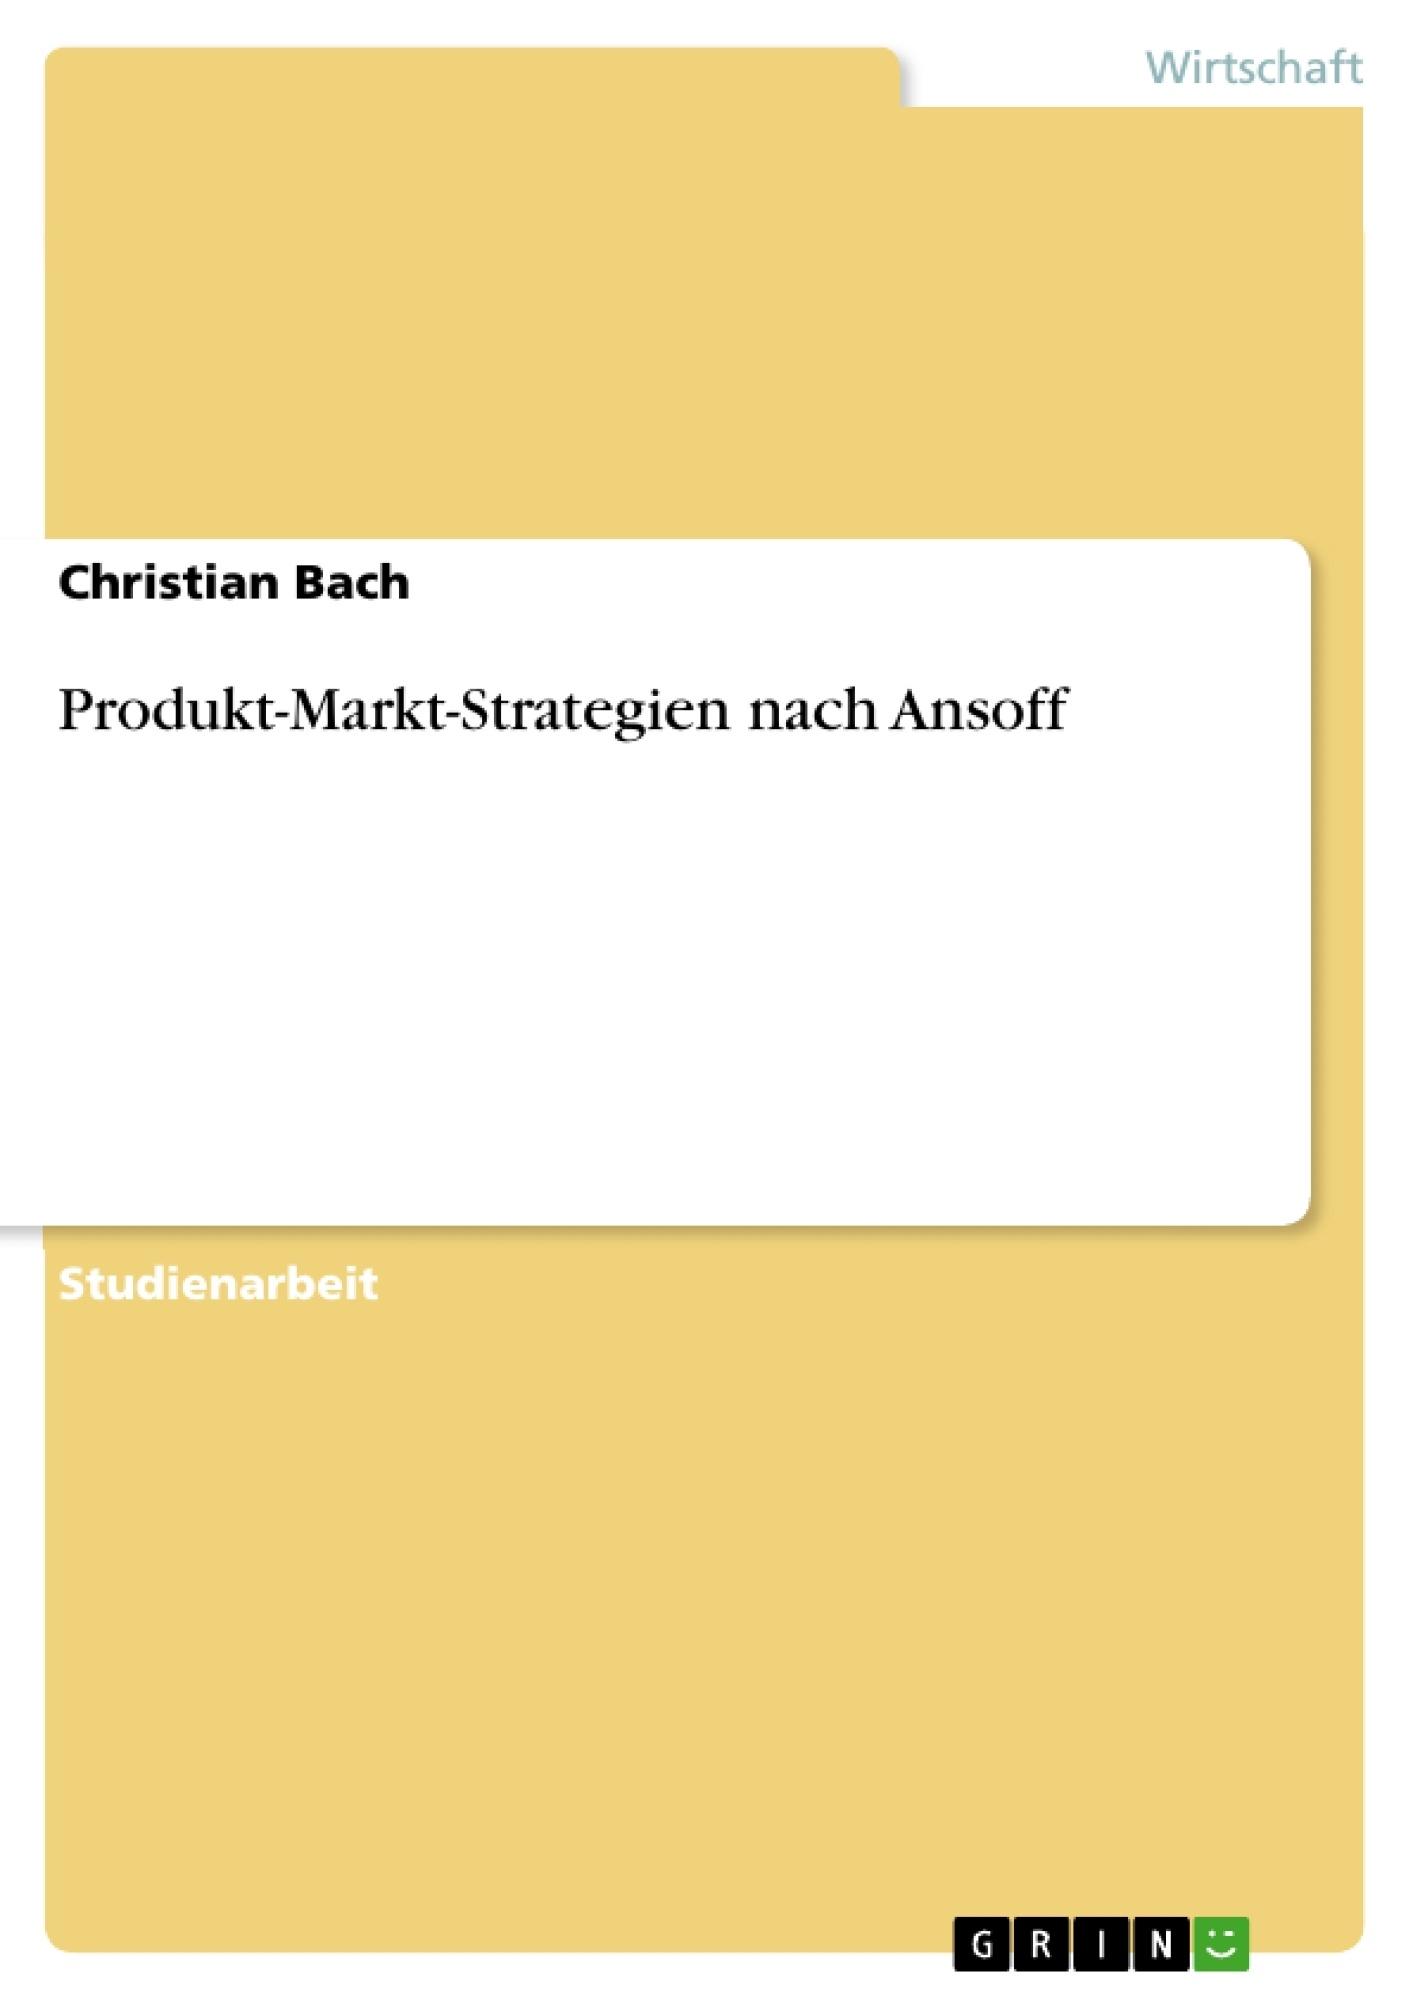 Titel: Produkt-Markt-Strategien nach Ansoff